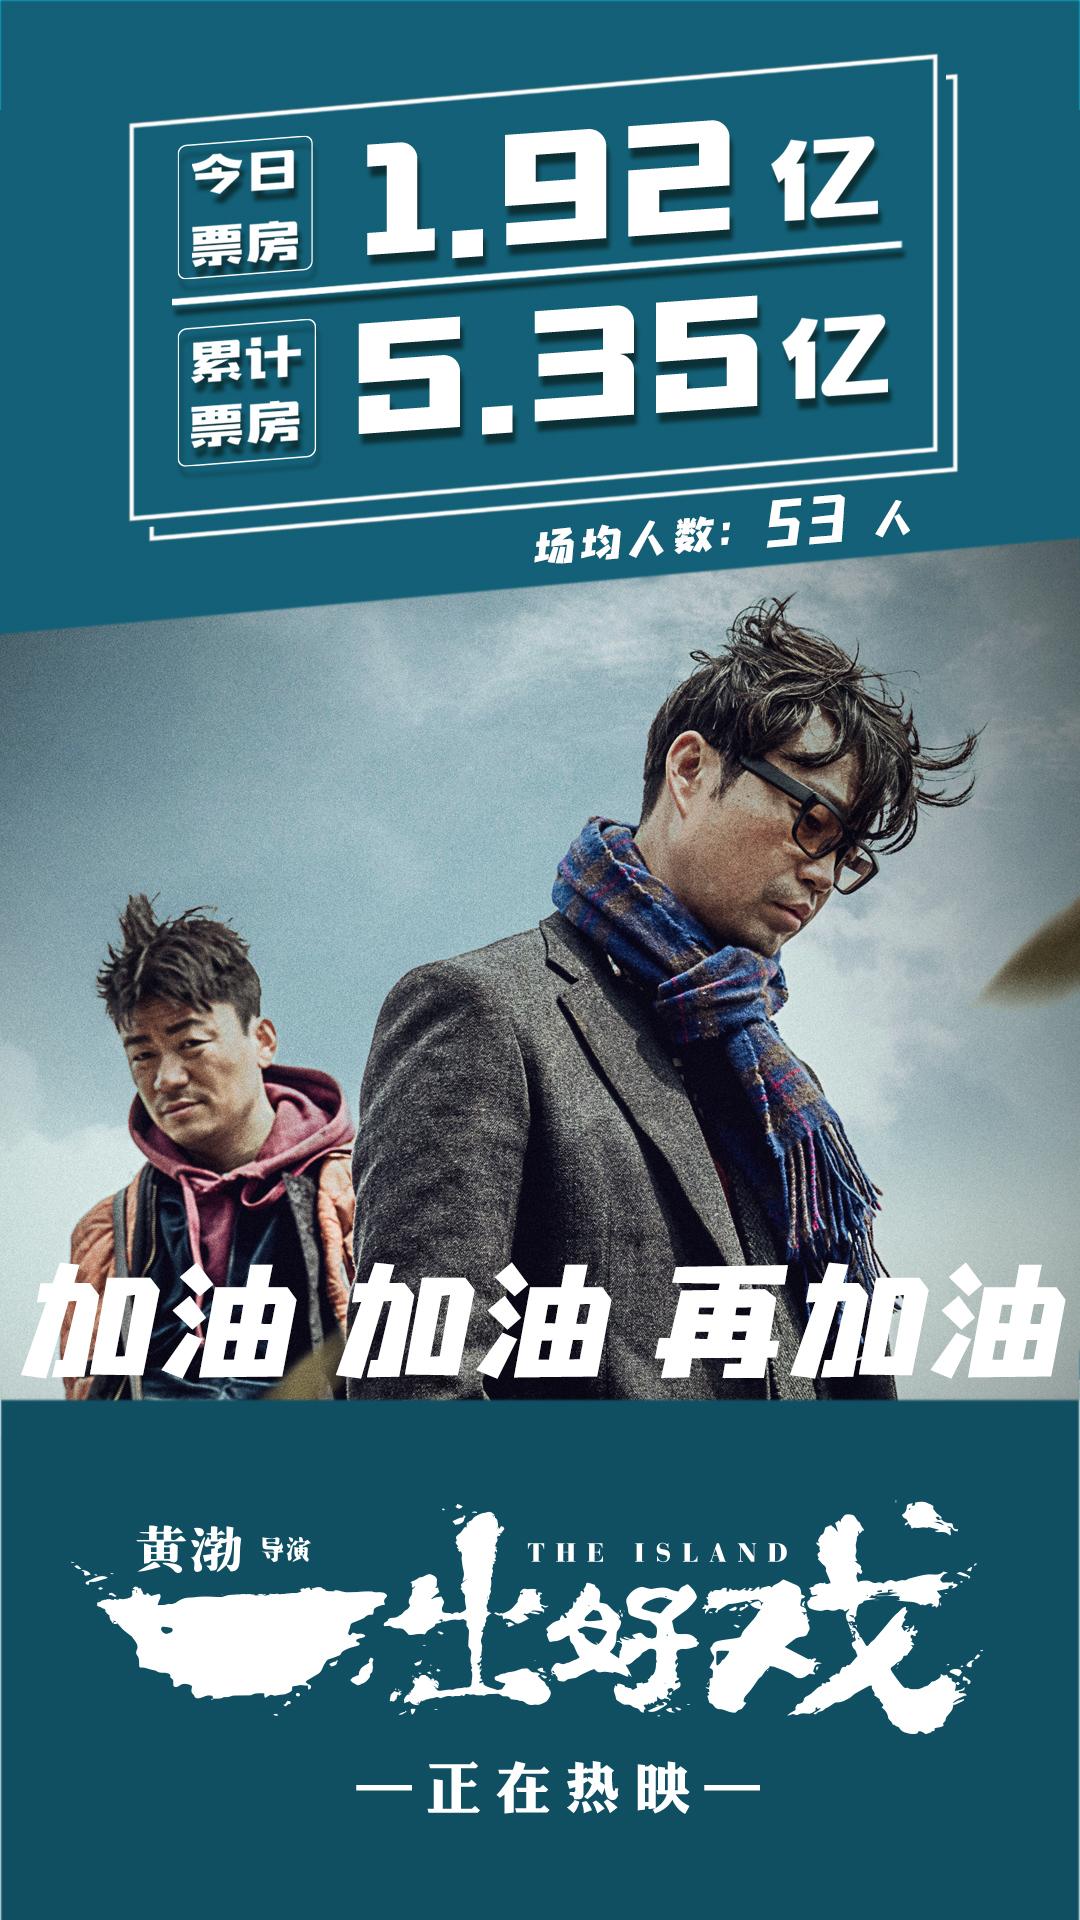 《一出好戏》三天五亿成同档期票房冠军 导演黄渤与杭州观众分享电影创作理念